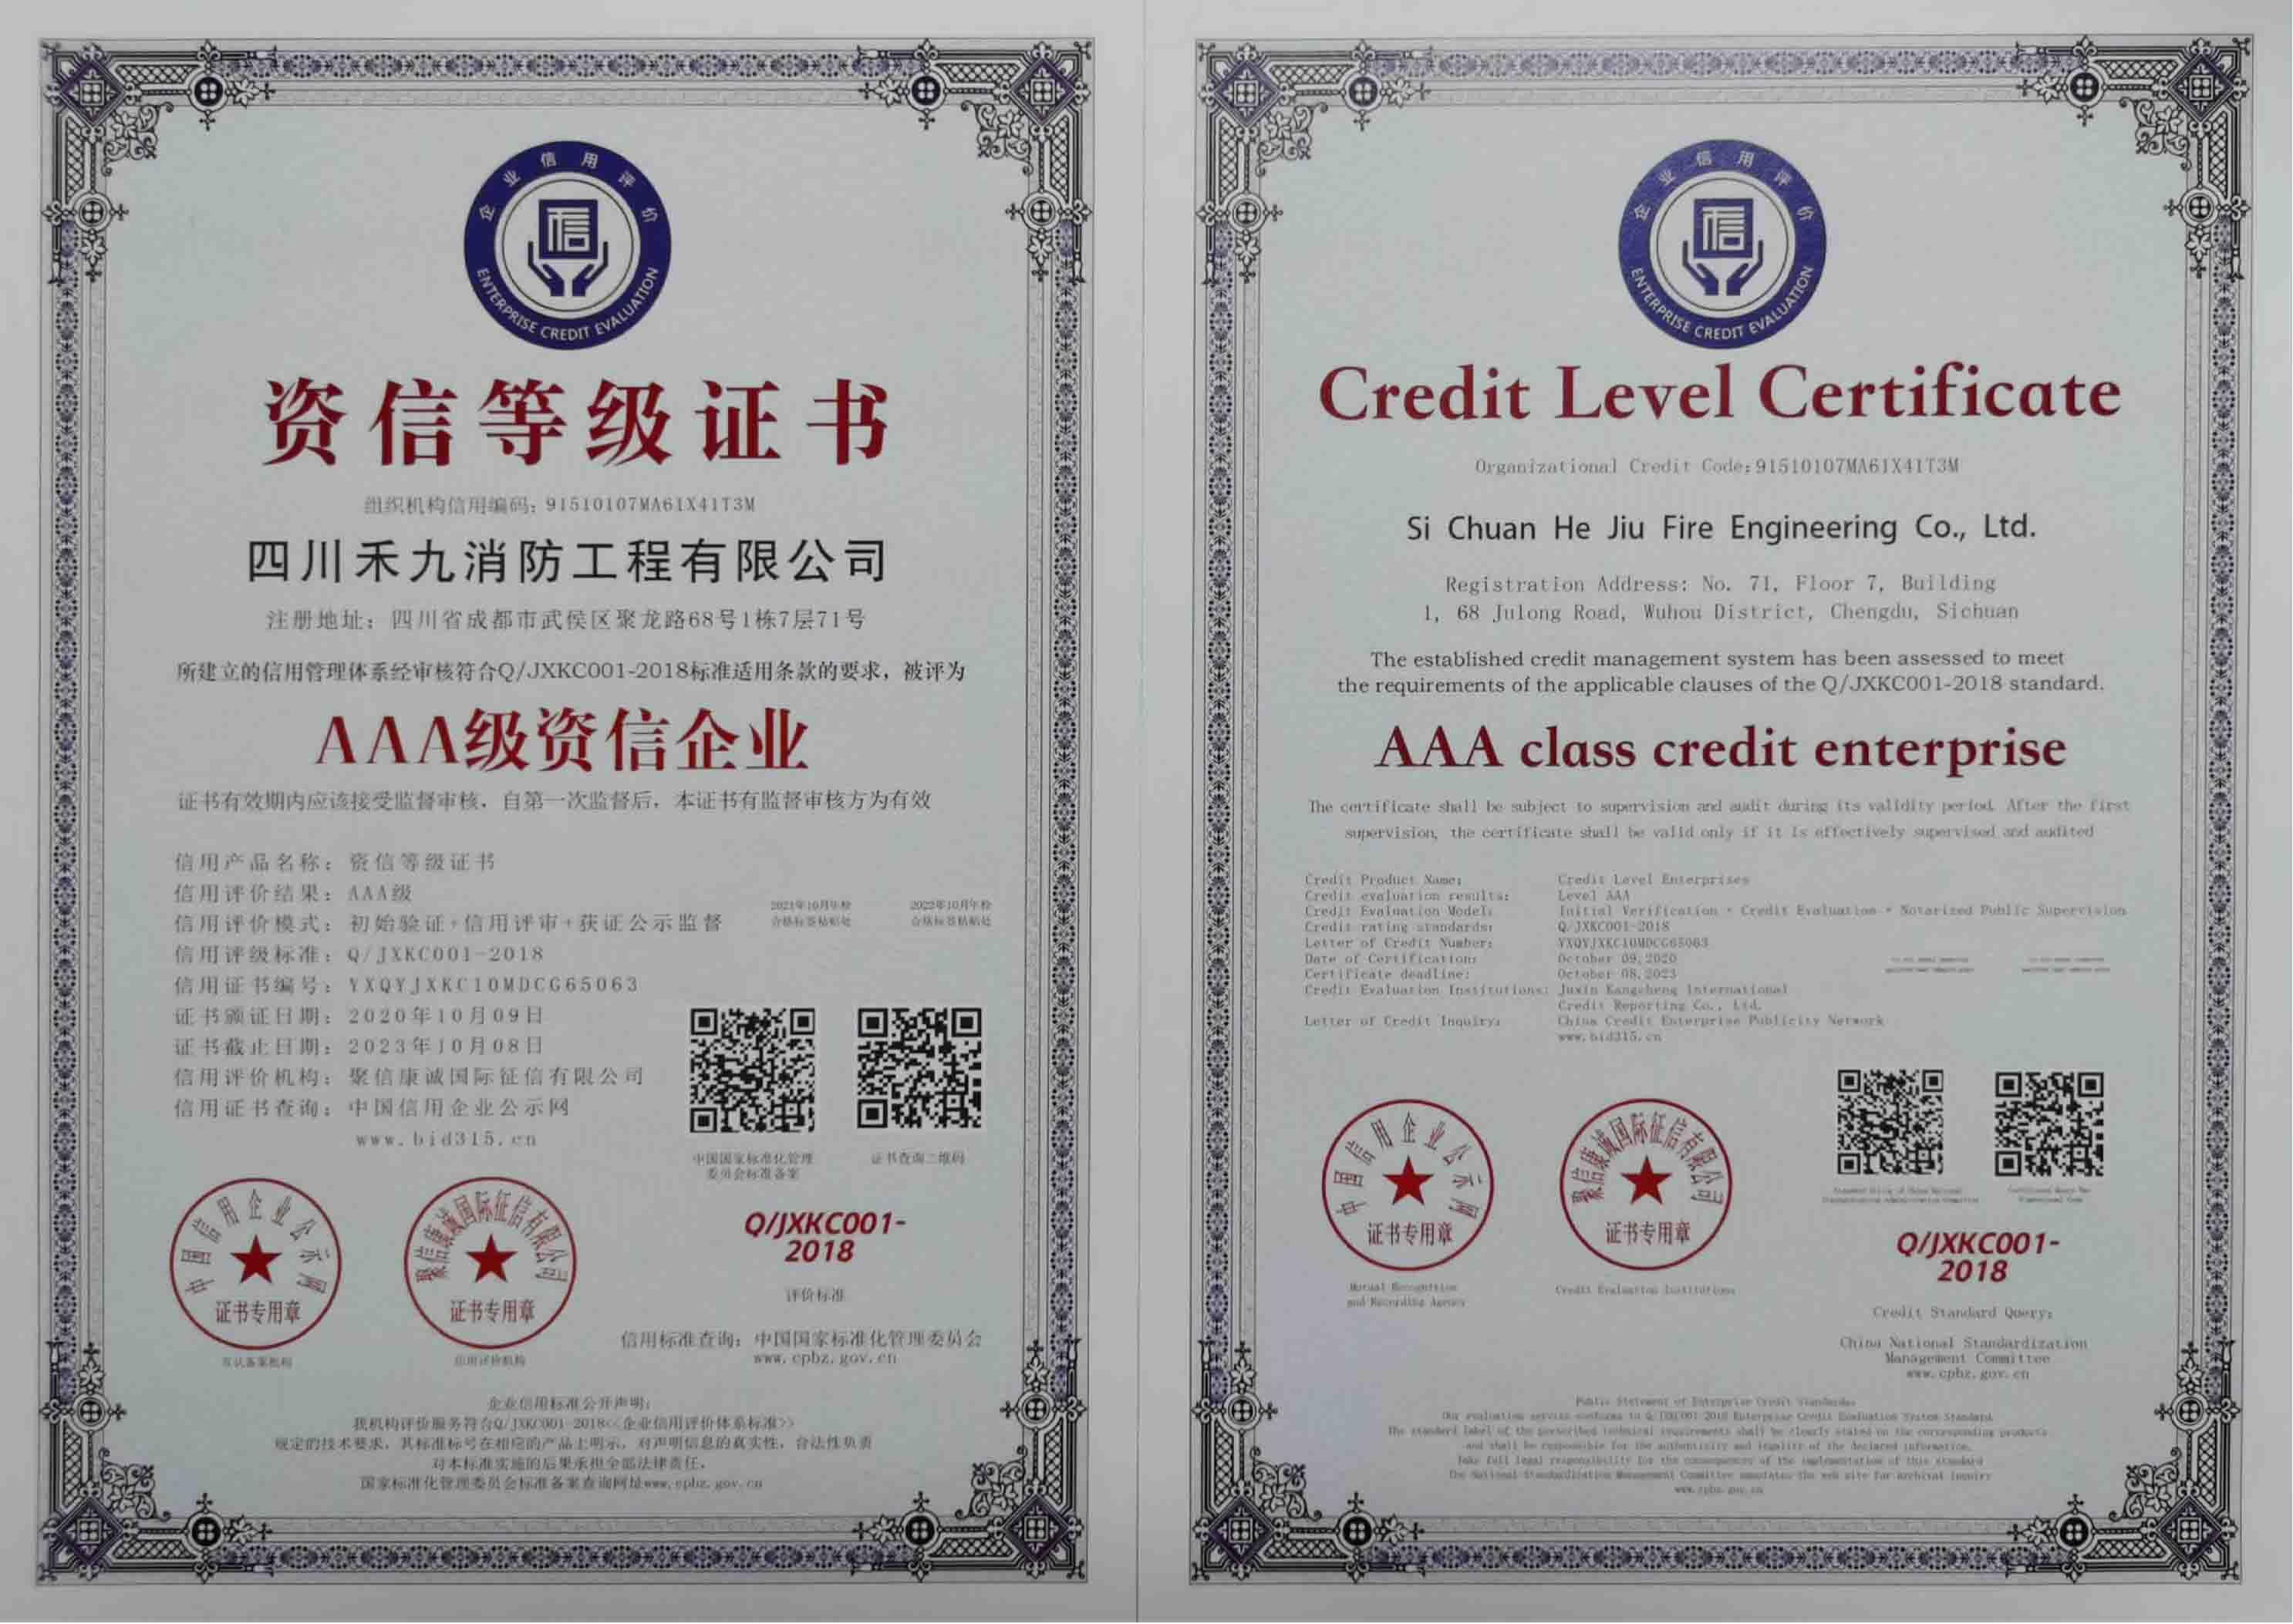 消防工程AAA级资信企业